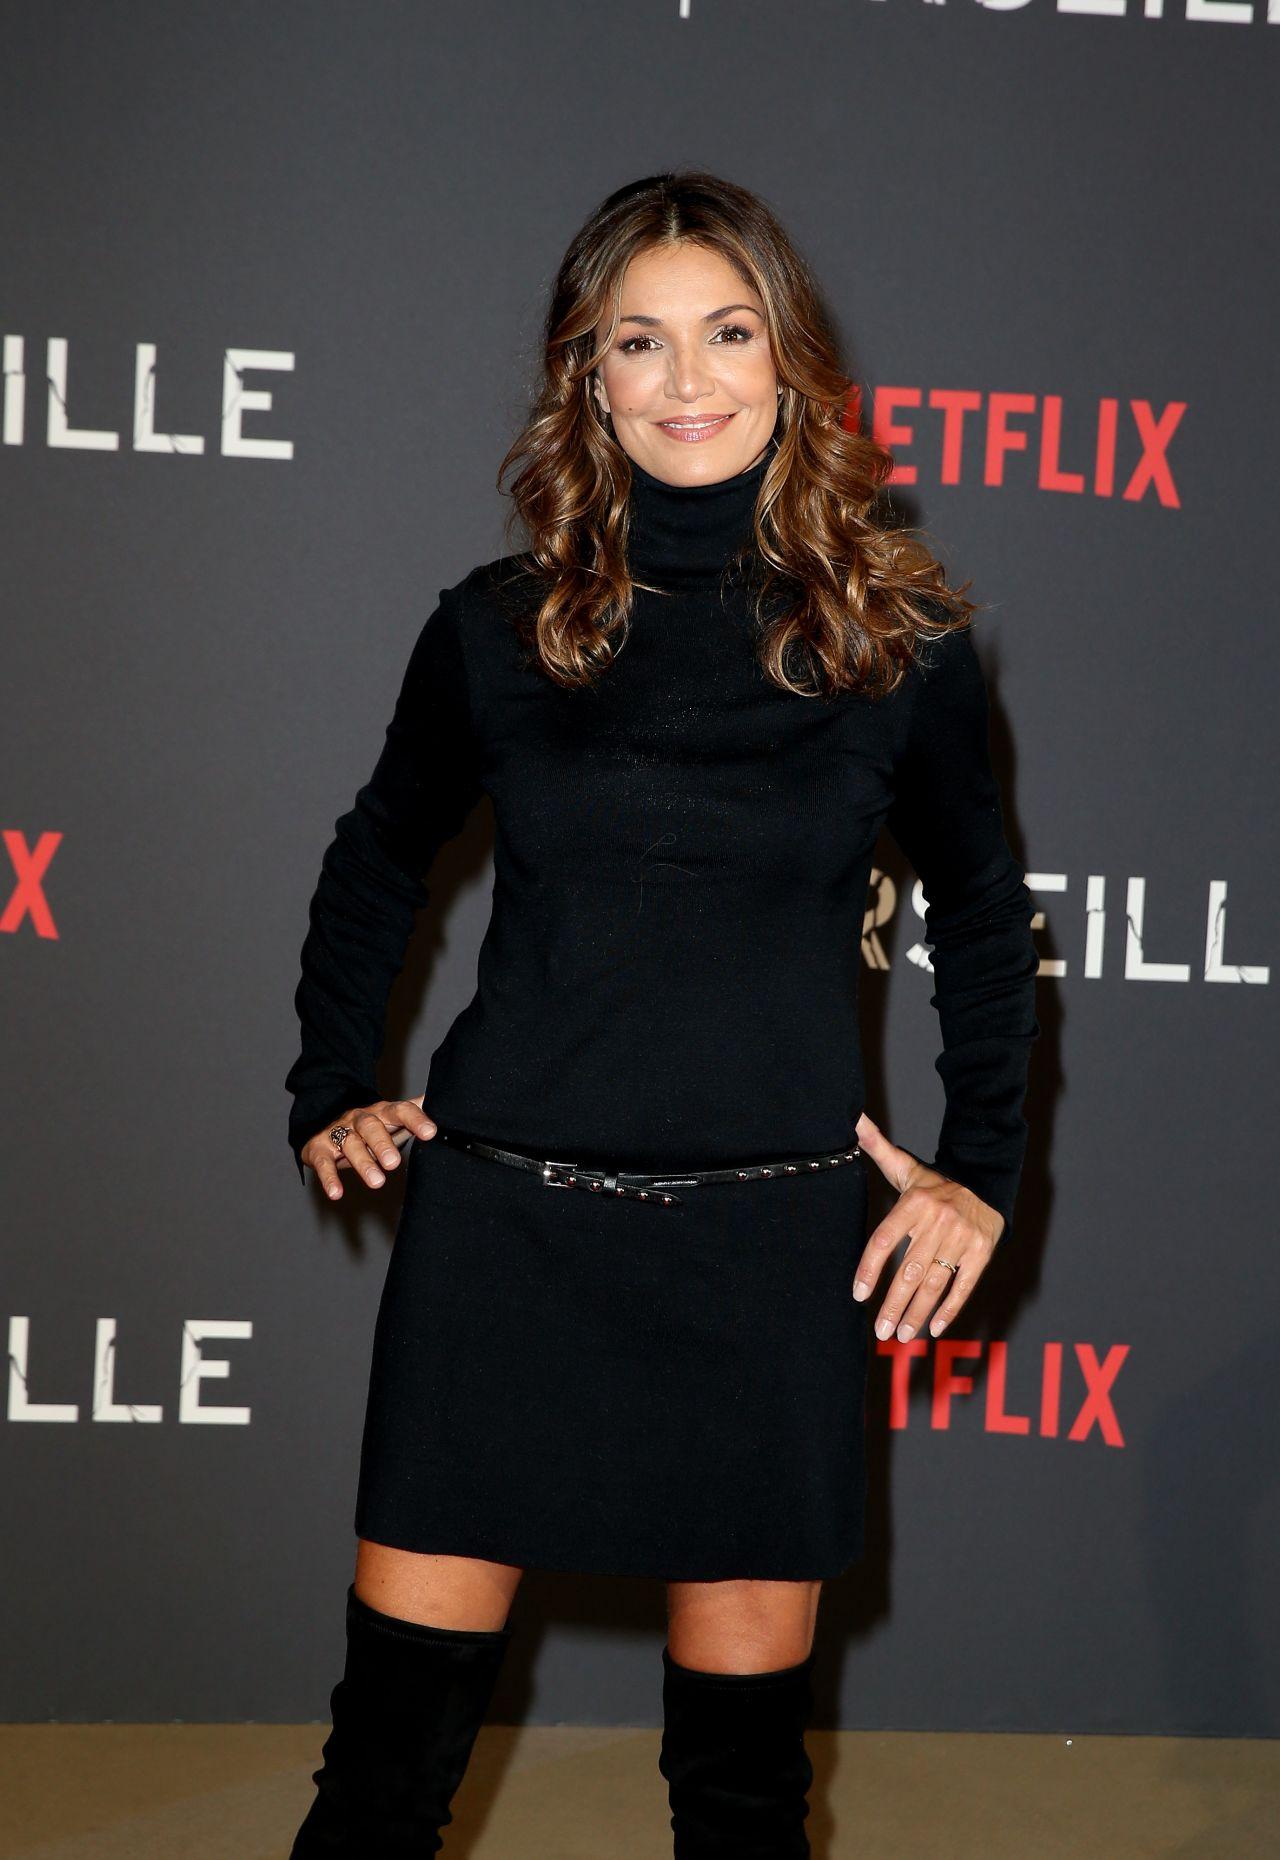 Nadia de santiago las chicas del cable 2018 - 2 7